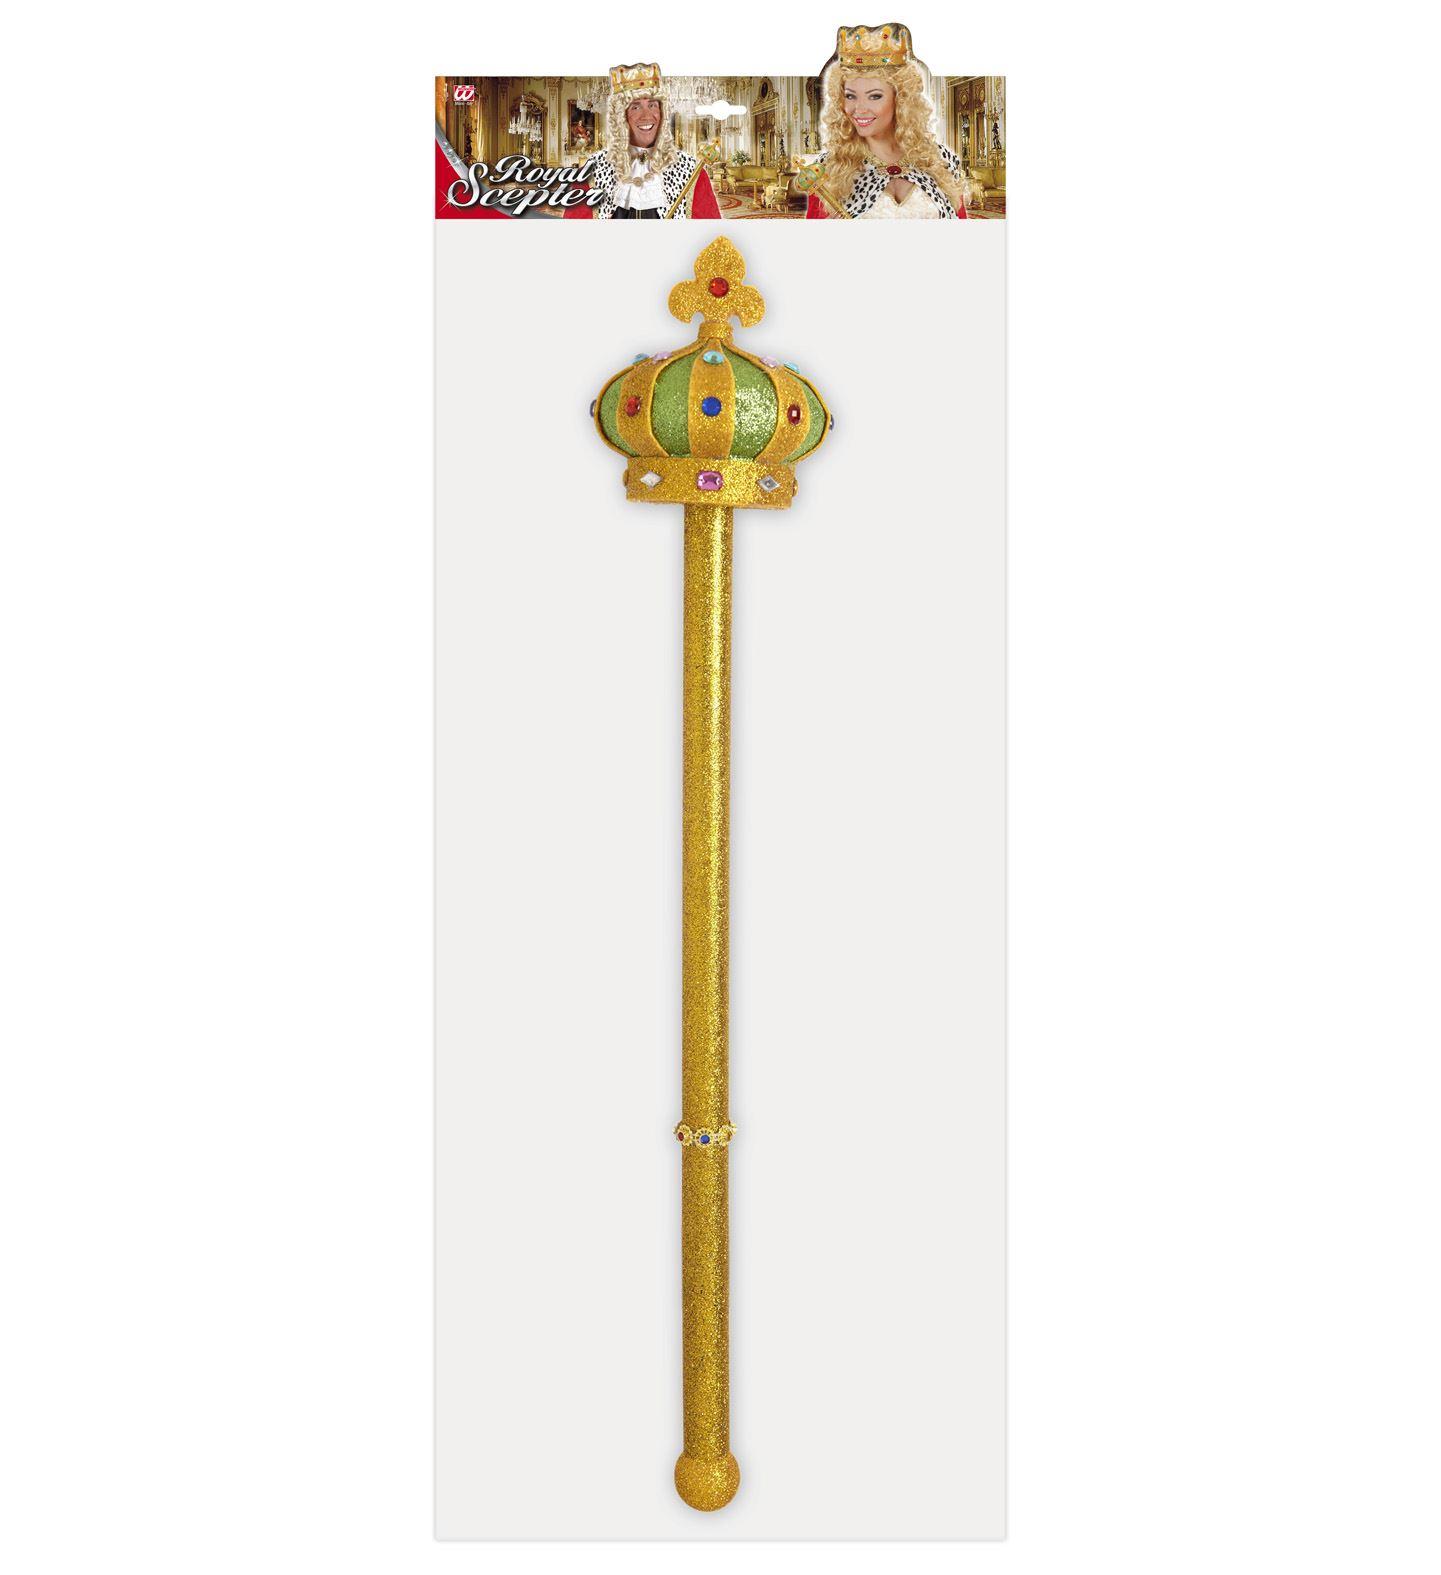 Αποκριάτικο Σκήπτρο Βασιλιά 57cm